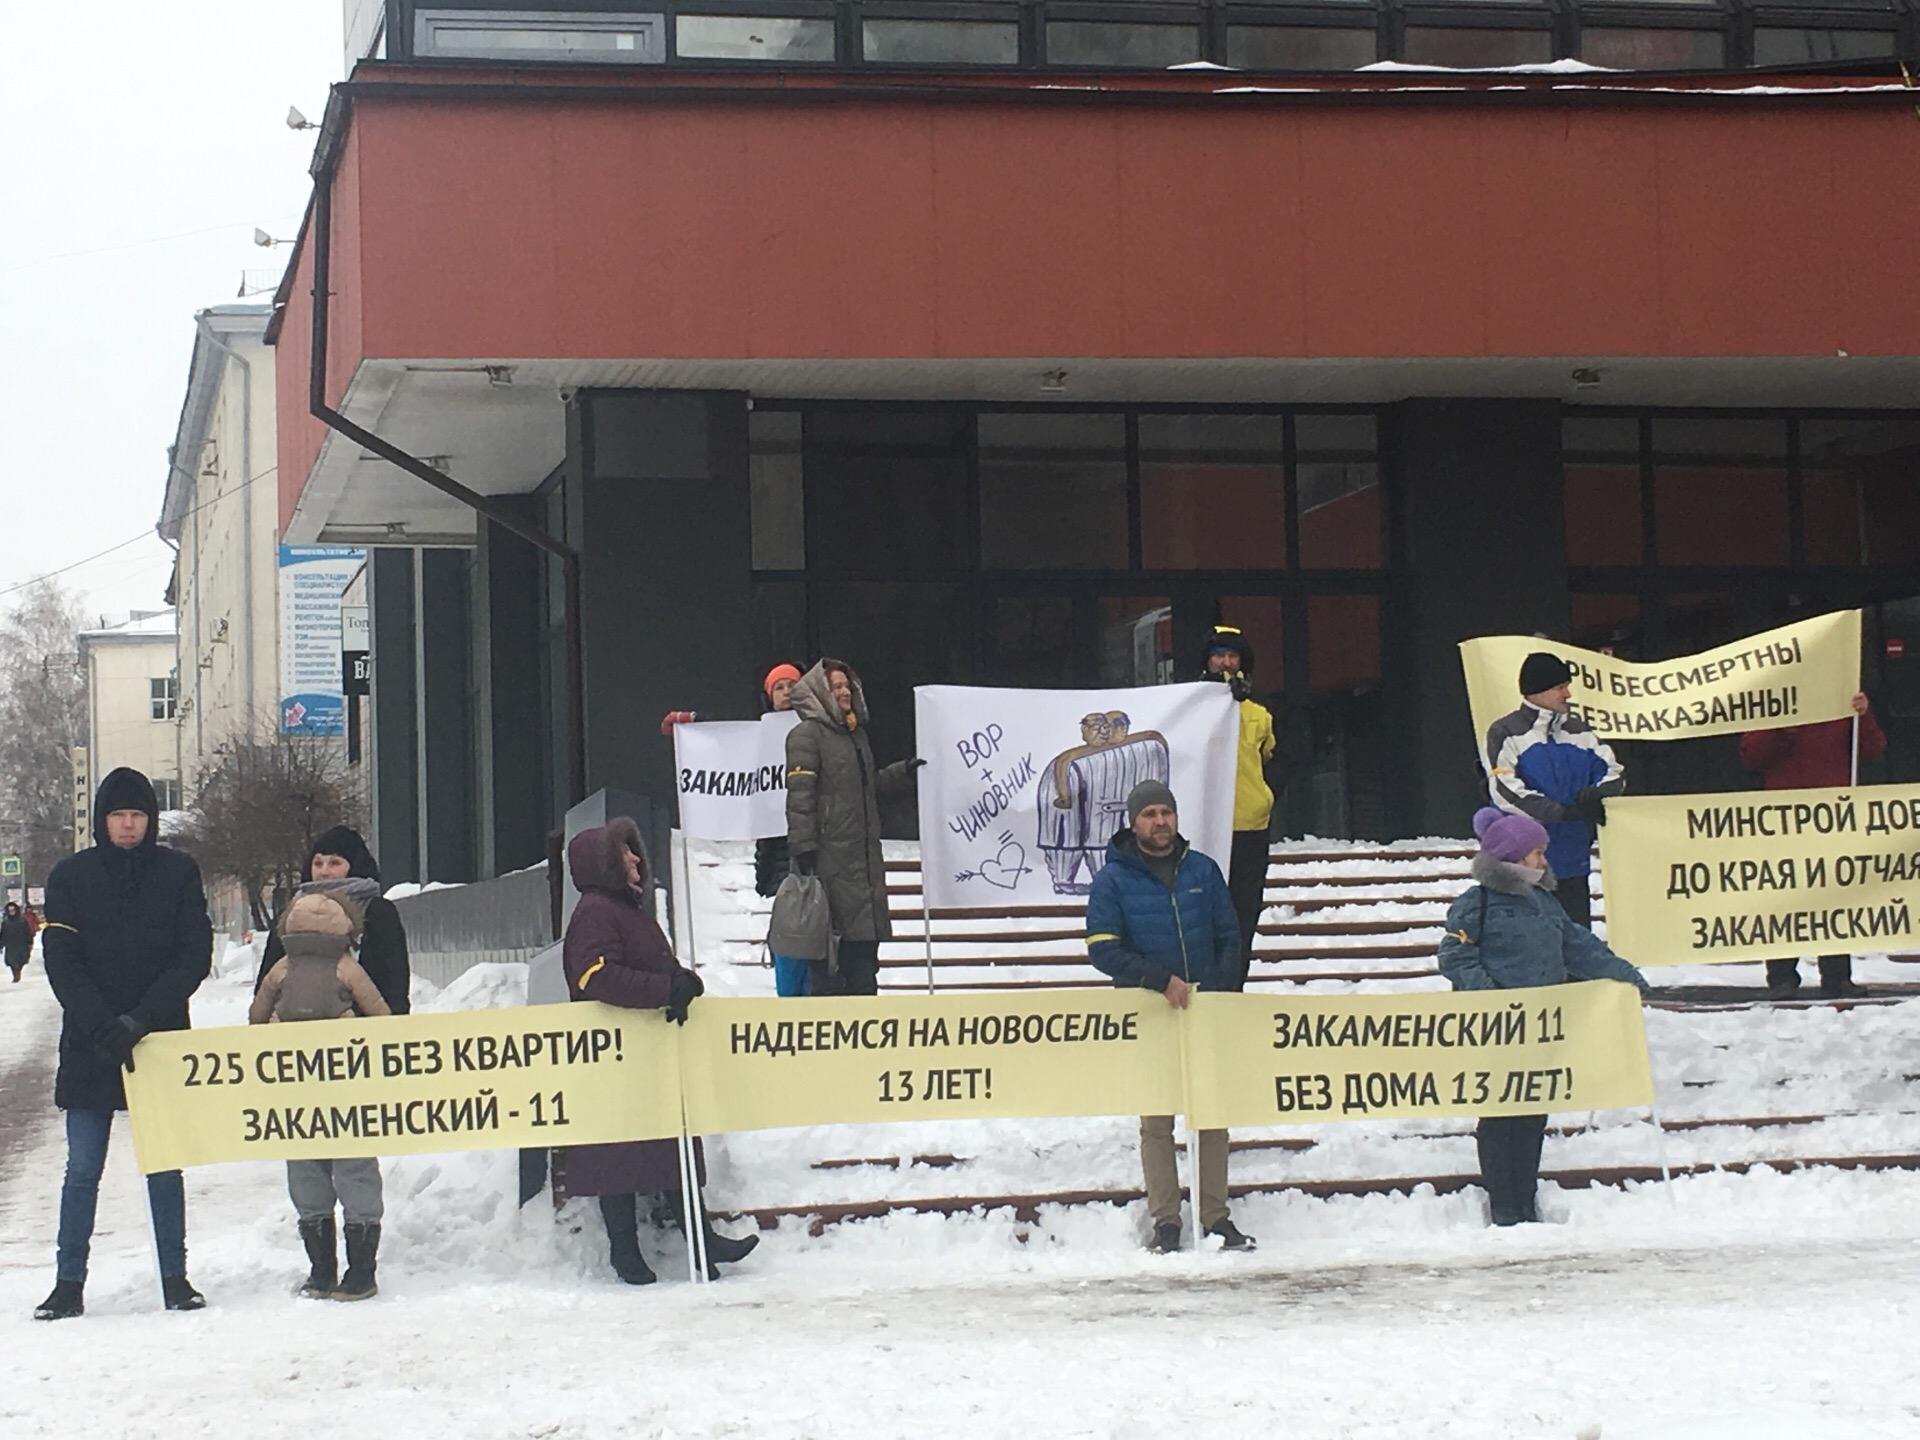 По словам организатора пикета Юлии Лобес, чиновники вынудили дольщиков сброситься деньгами, чтобы точно началась стройка. Но пока так и нет никакой помощи, только туманные обещания